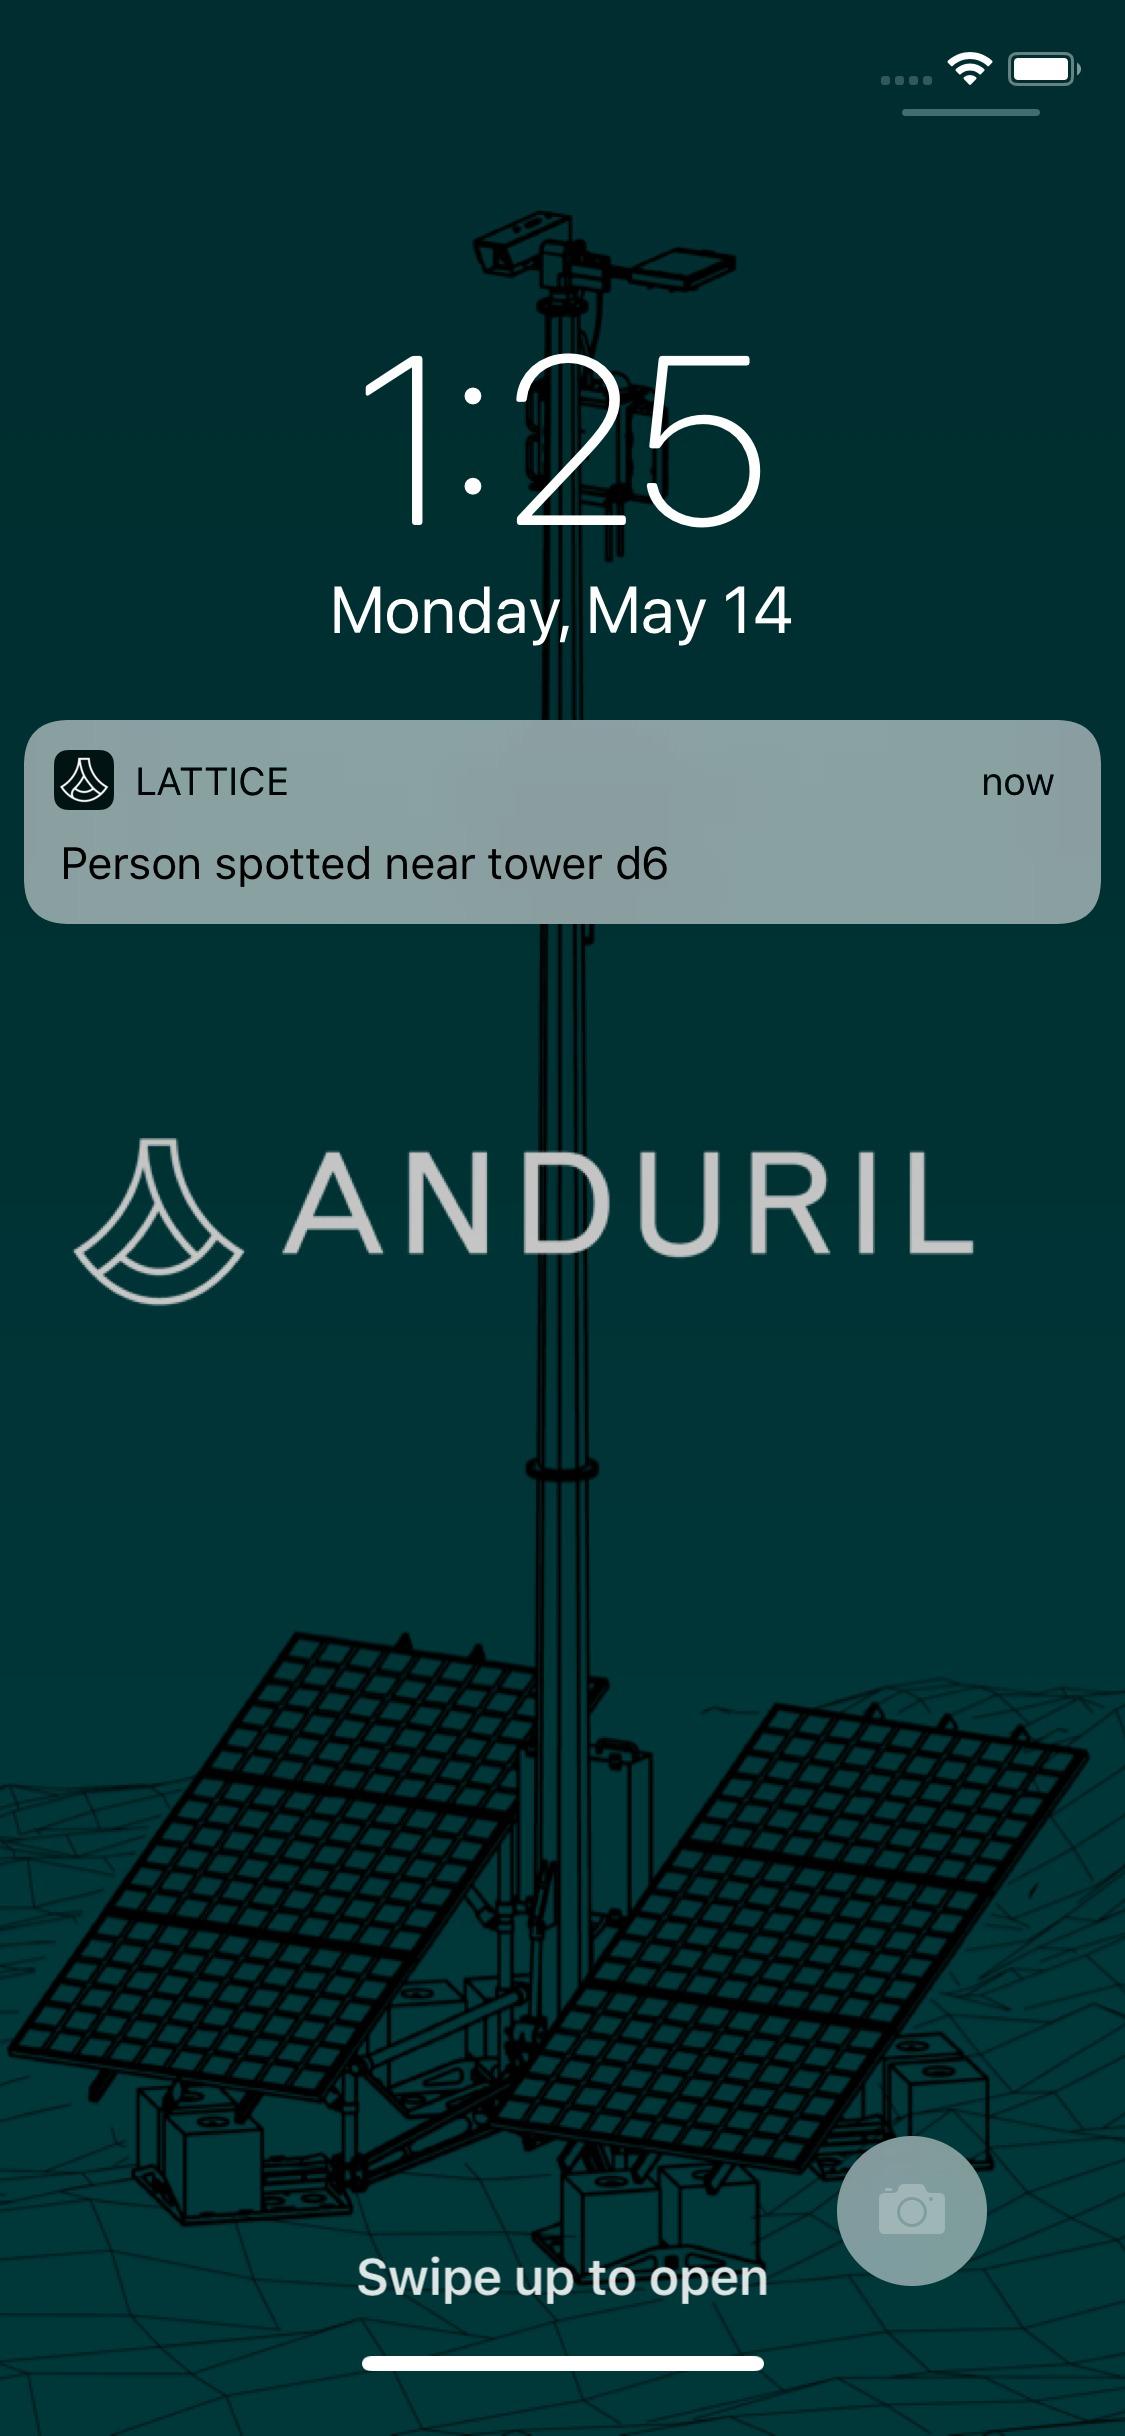 Anduril como una aplicación